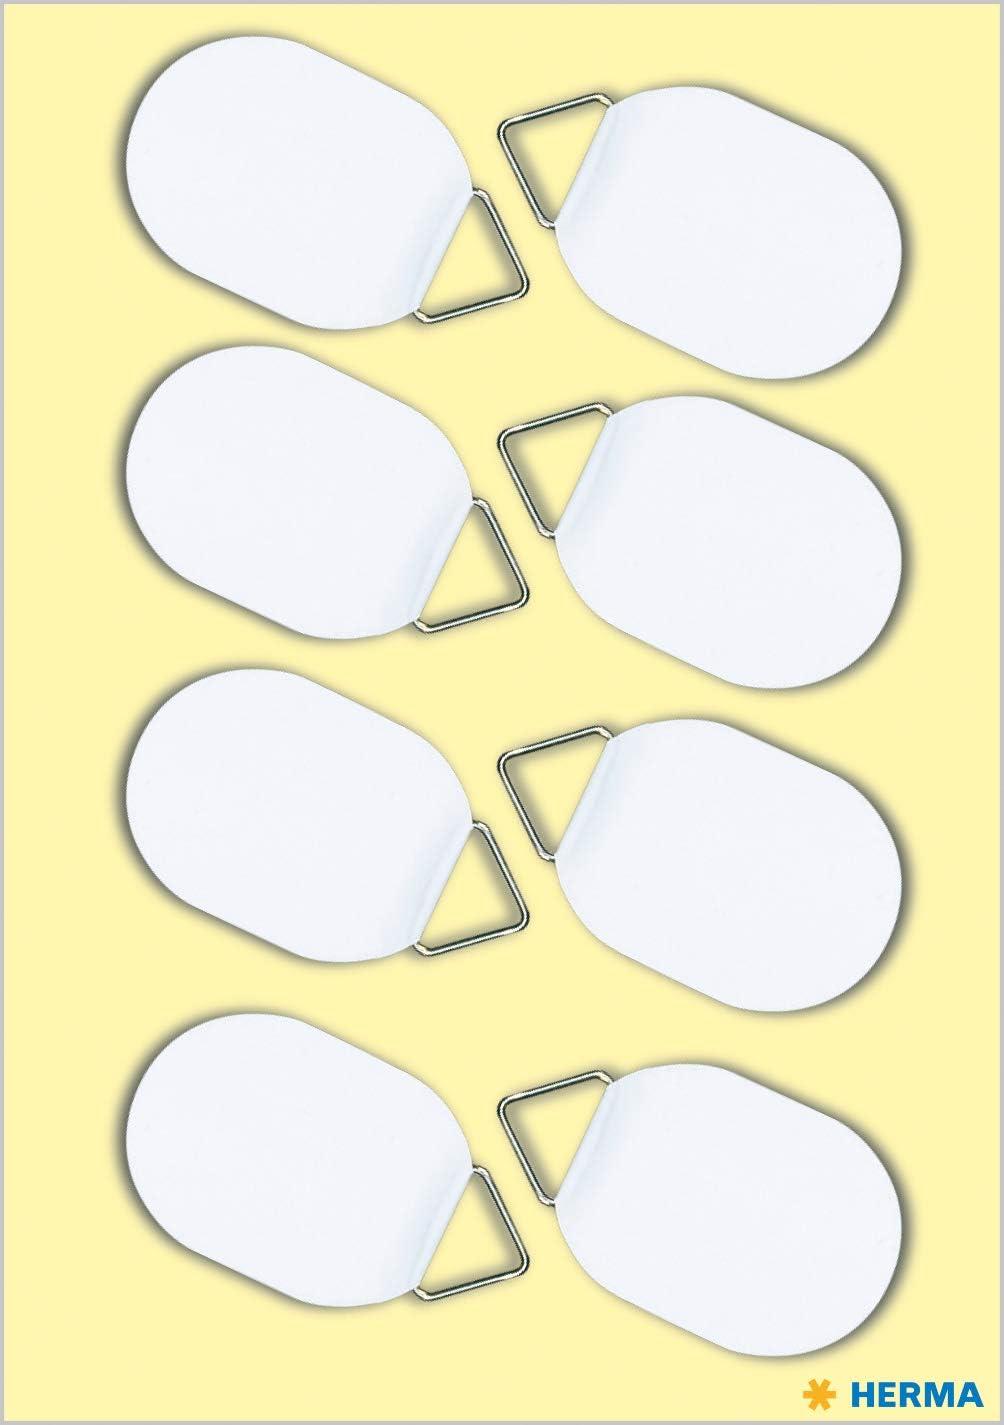 HERMA 5753 Bildaufh/änger zum kleben permanent haftend wei/ß selbstklebend Tragkraft 100 g /Ø 26 x 35 mm, 8 St/ück, Papier mit Leinenstruktur